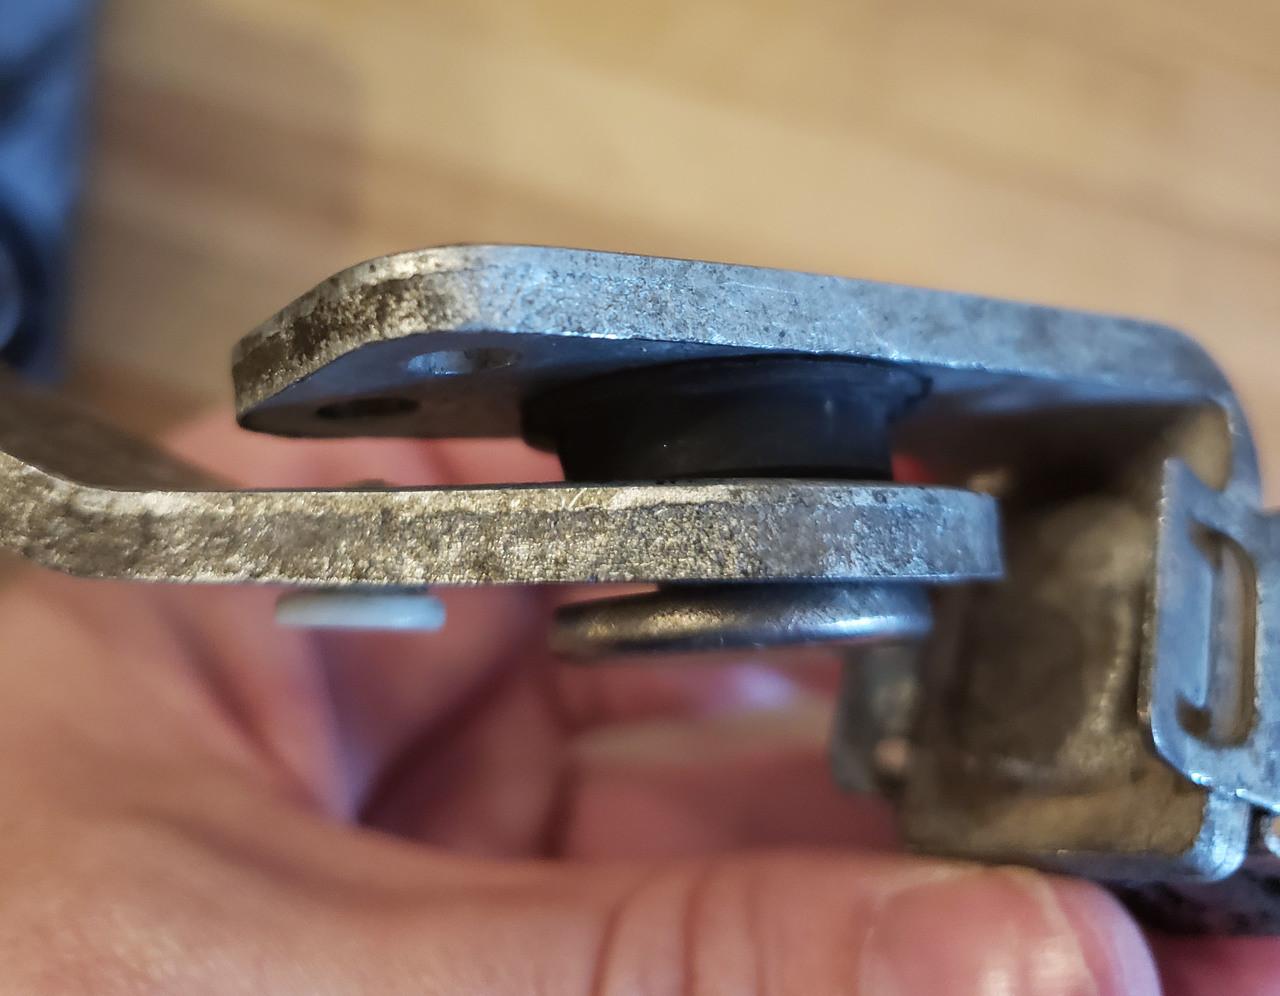 Cadillac STS-V shifter rod replacement bushing repair kit